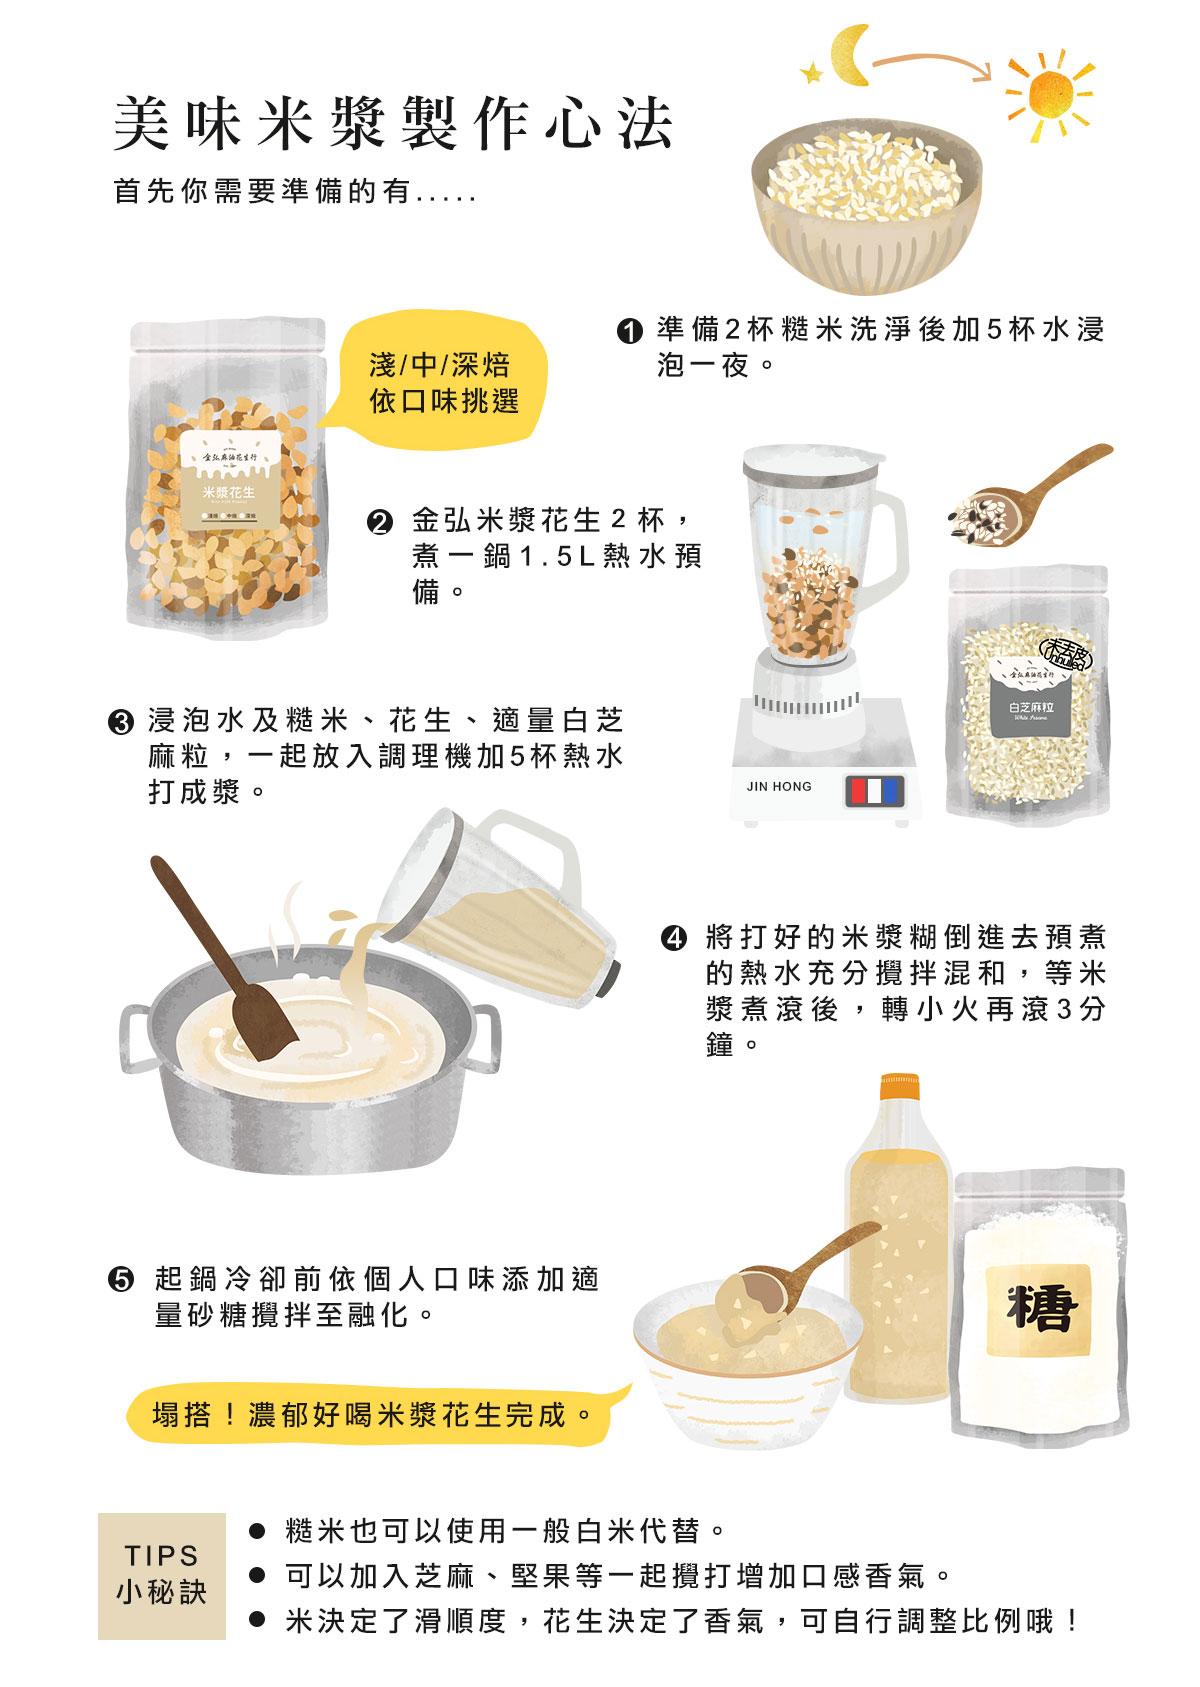 美味米漿製作心法:準備2杯糙米洗淨後加5杯水浸泡一夜。金弘米漿花生2杯,煮一鍋1.5L熱水預備。浸泡水及糙米、花生、適量白芝麻粒,一起放入調理機加5杯熱水打成漿。將打好的米漿糊倒進去預煮的熱水充分攪拌混和,等米漿煮滾後,轉小火再滾3分鐘。起鍋冷卻前依個人口味添加適量砂糖攪拌至融化即完成。